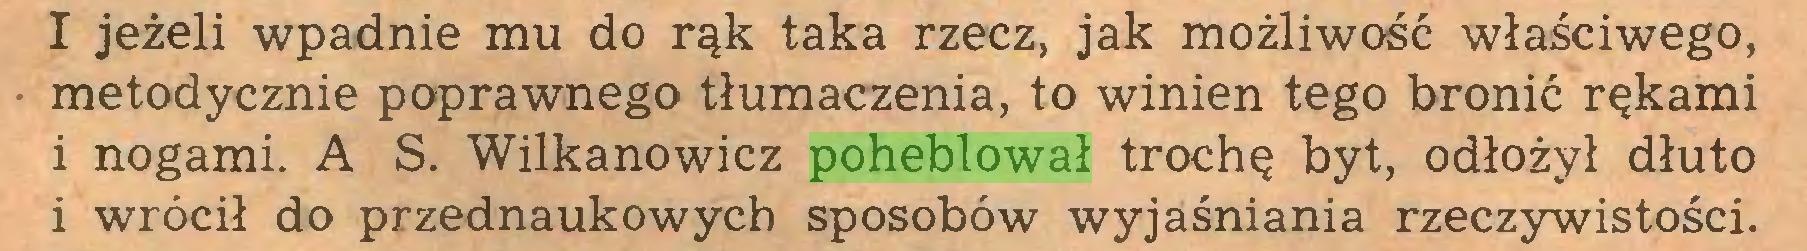 (...) I jeżeli wpadnie mu do rąk taka rzecz, jak możliwość właściwego, metodycznie poprawnego tłumaczenia, to winien tego bronić rękami i nogami. A S. Wilkanowicz poheblował trochę byt, odłożył dłuto i wrócił do przednaukowych sposobów wyjaśniania rzeczywistości...